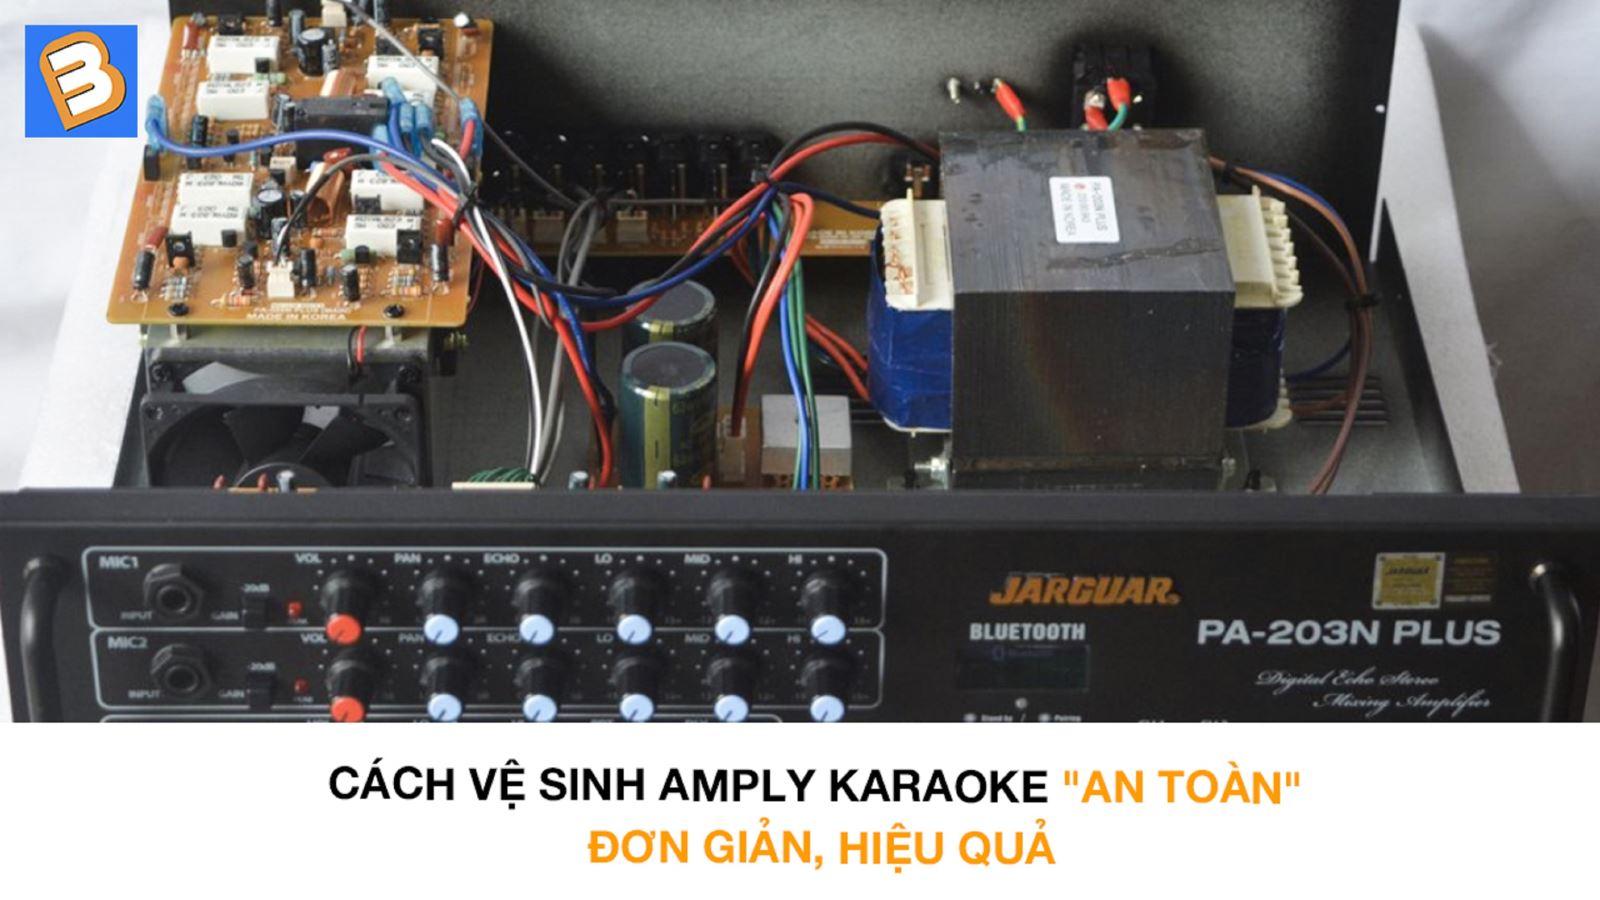 Cách vệ sinh Amply karaoke 'an toàn' đơn giản, hiệu quả